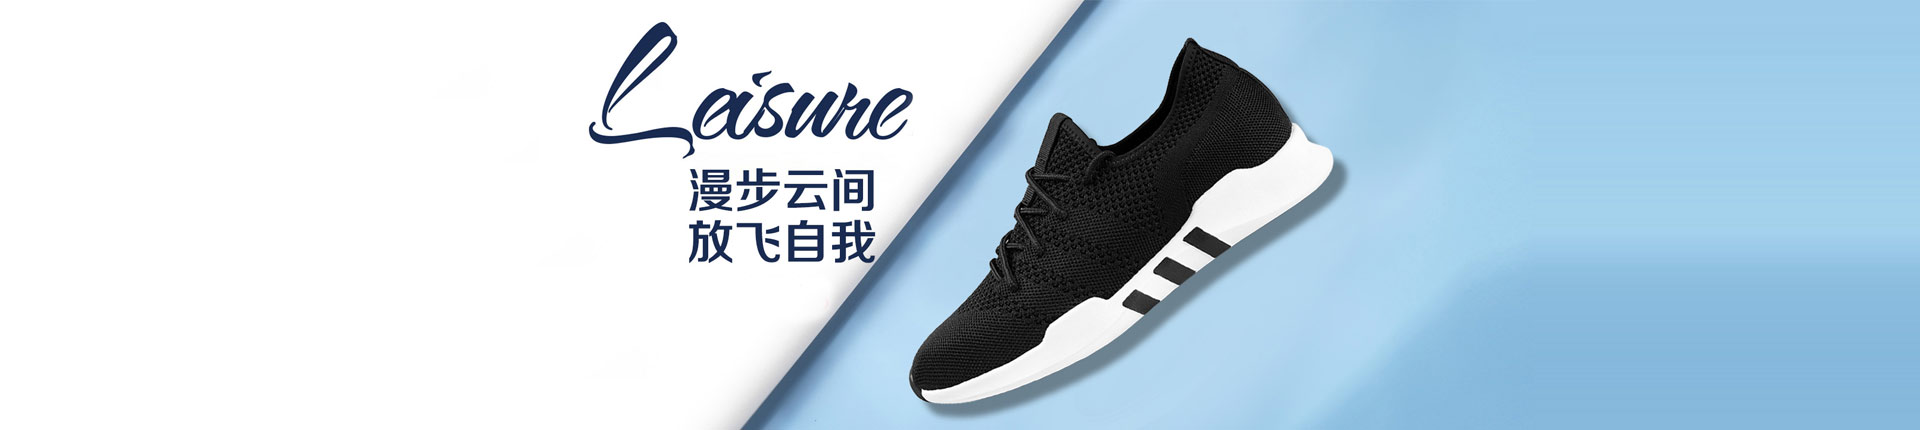 高尼增高鞋官方網站